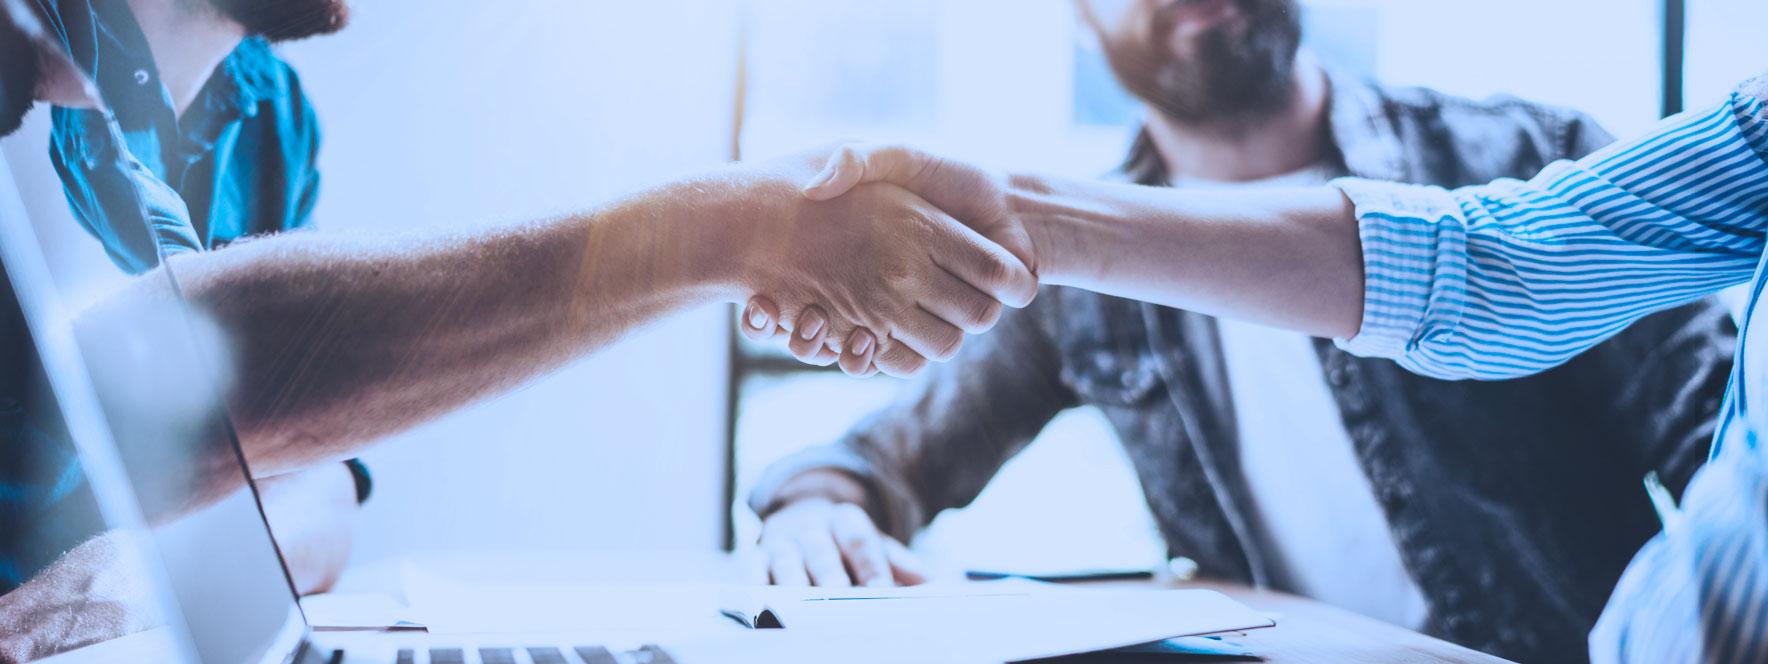 Établir des collaborations d'affaires | Le Réseau